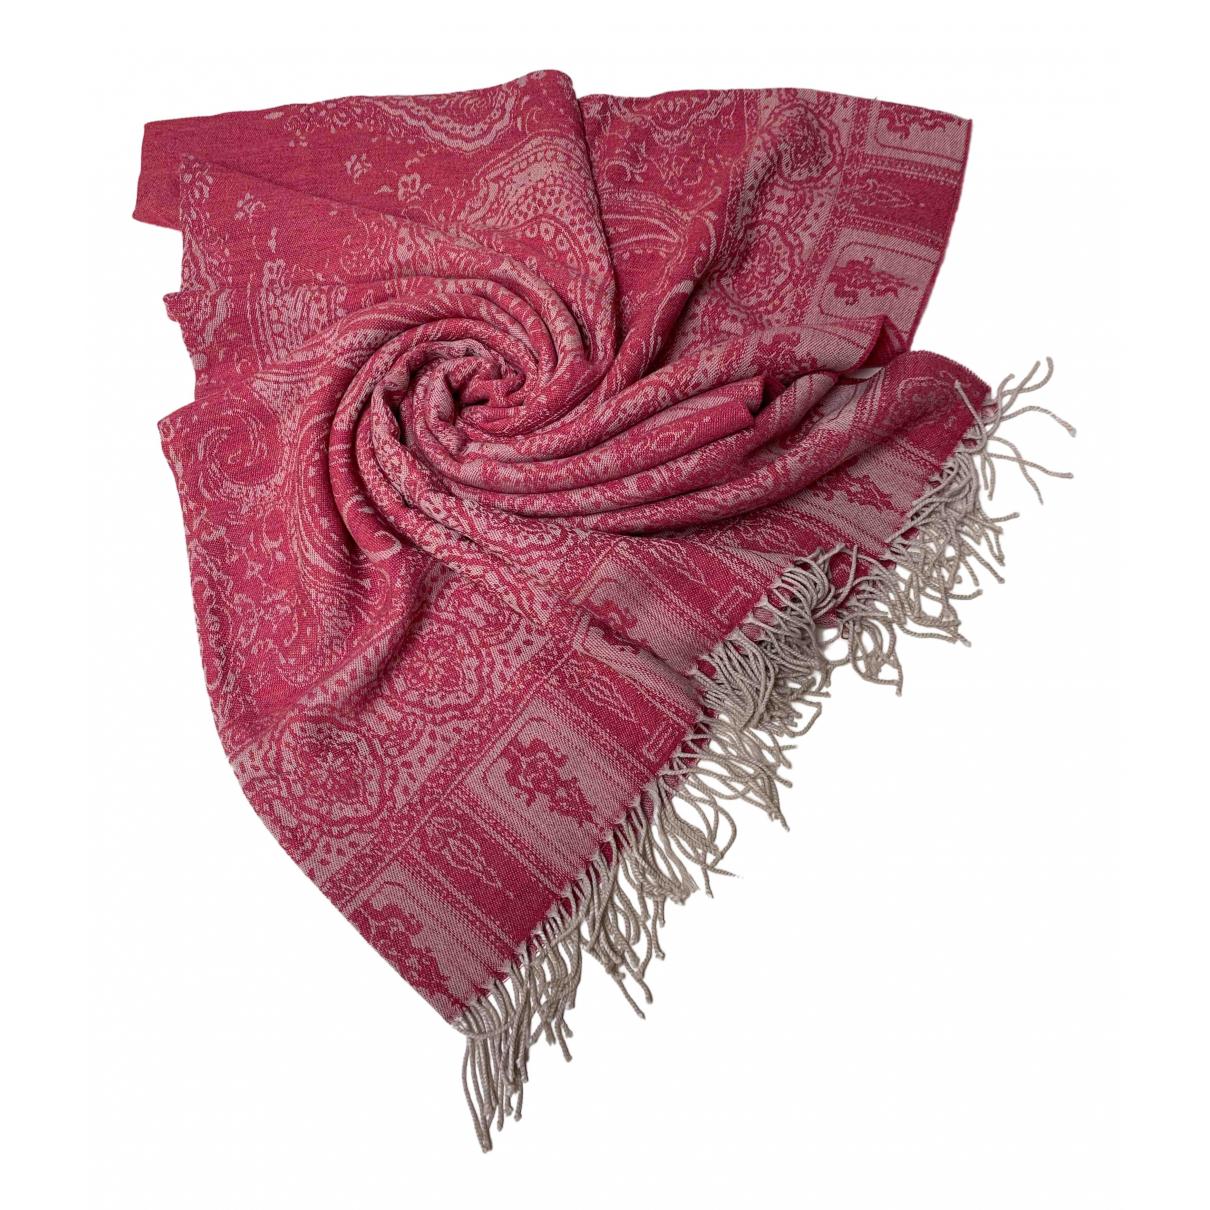 Etro - Linge de maison   pour lifestyle en laine - rose